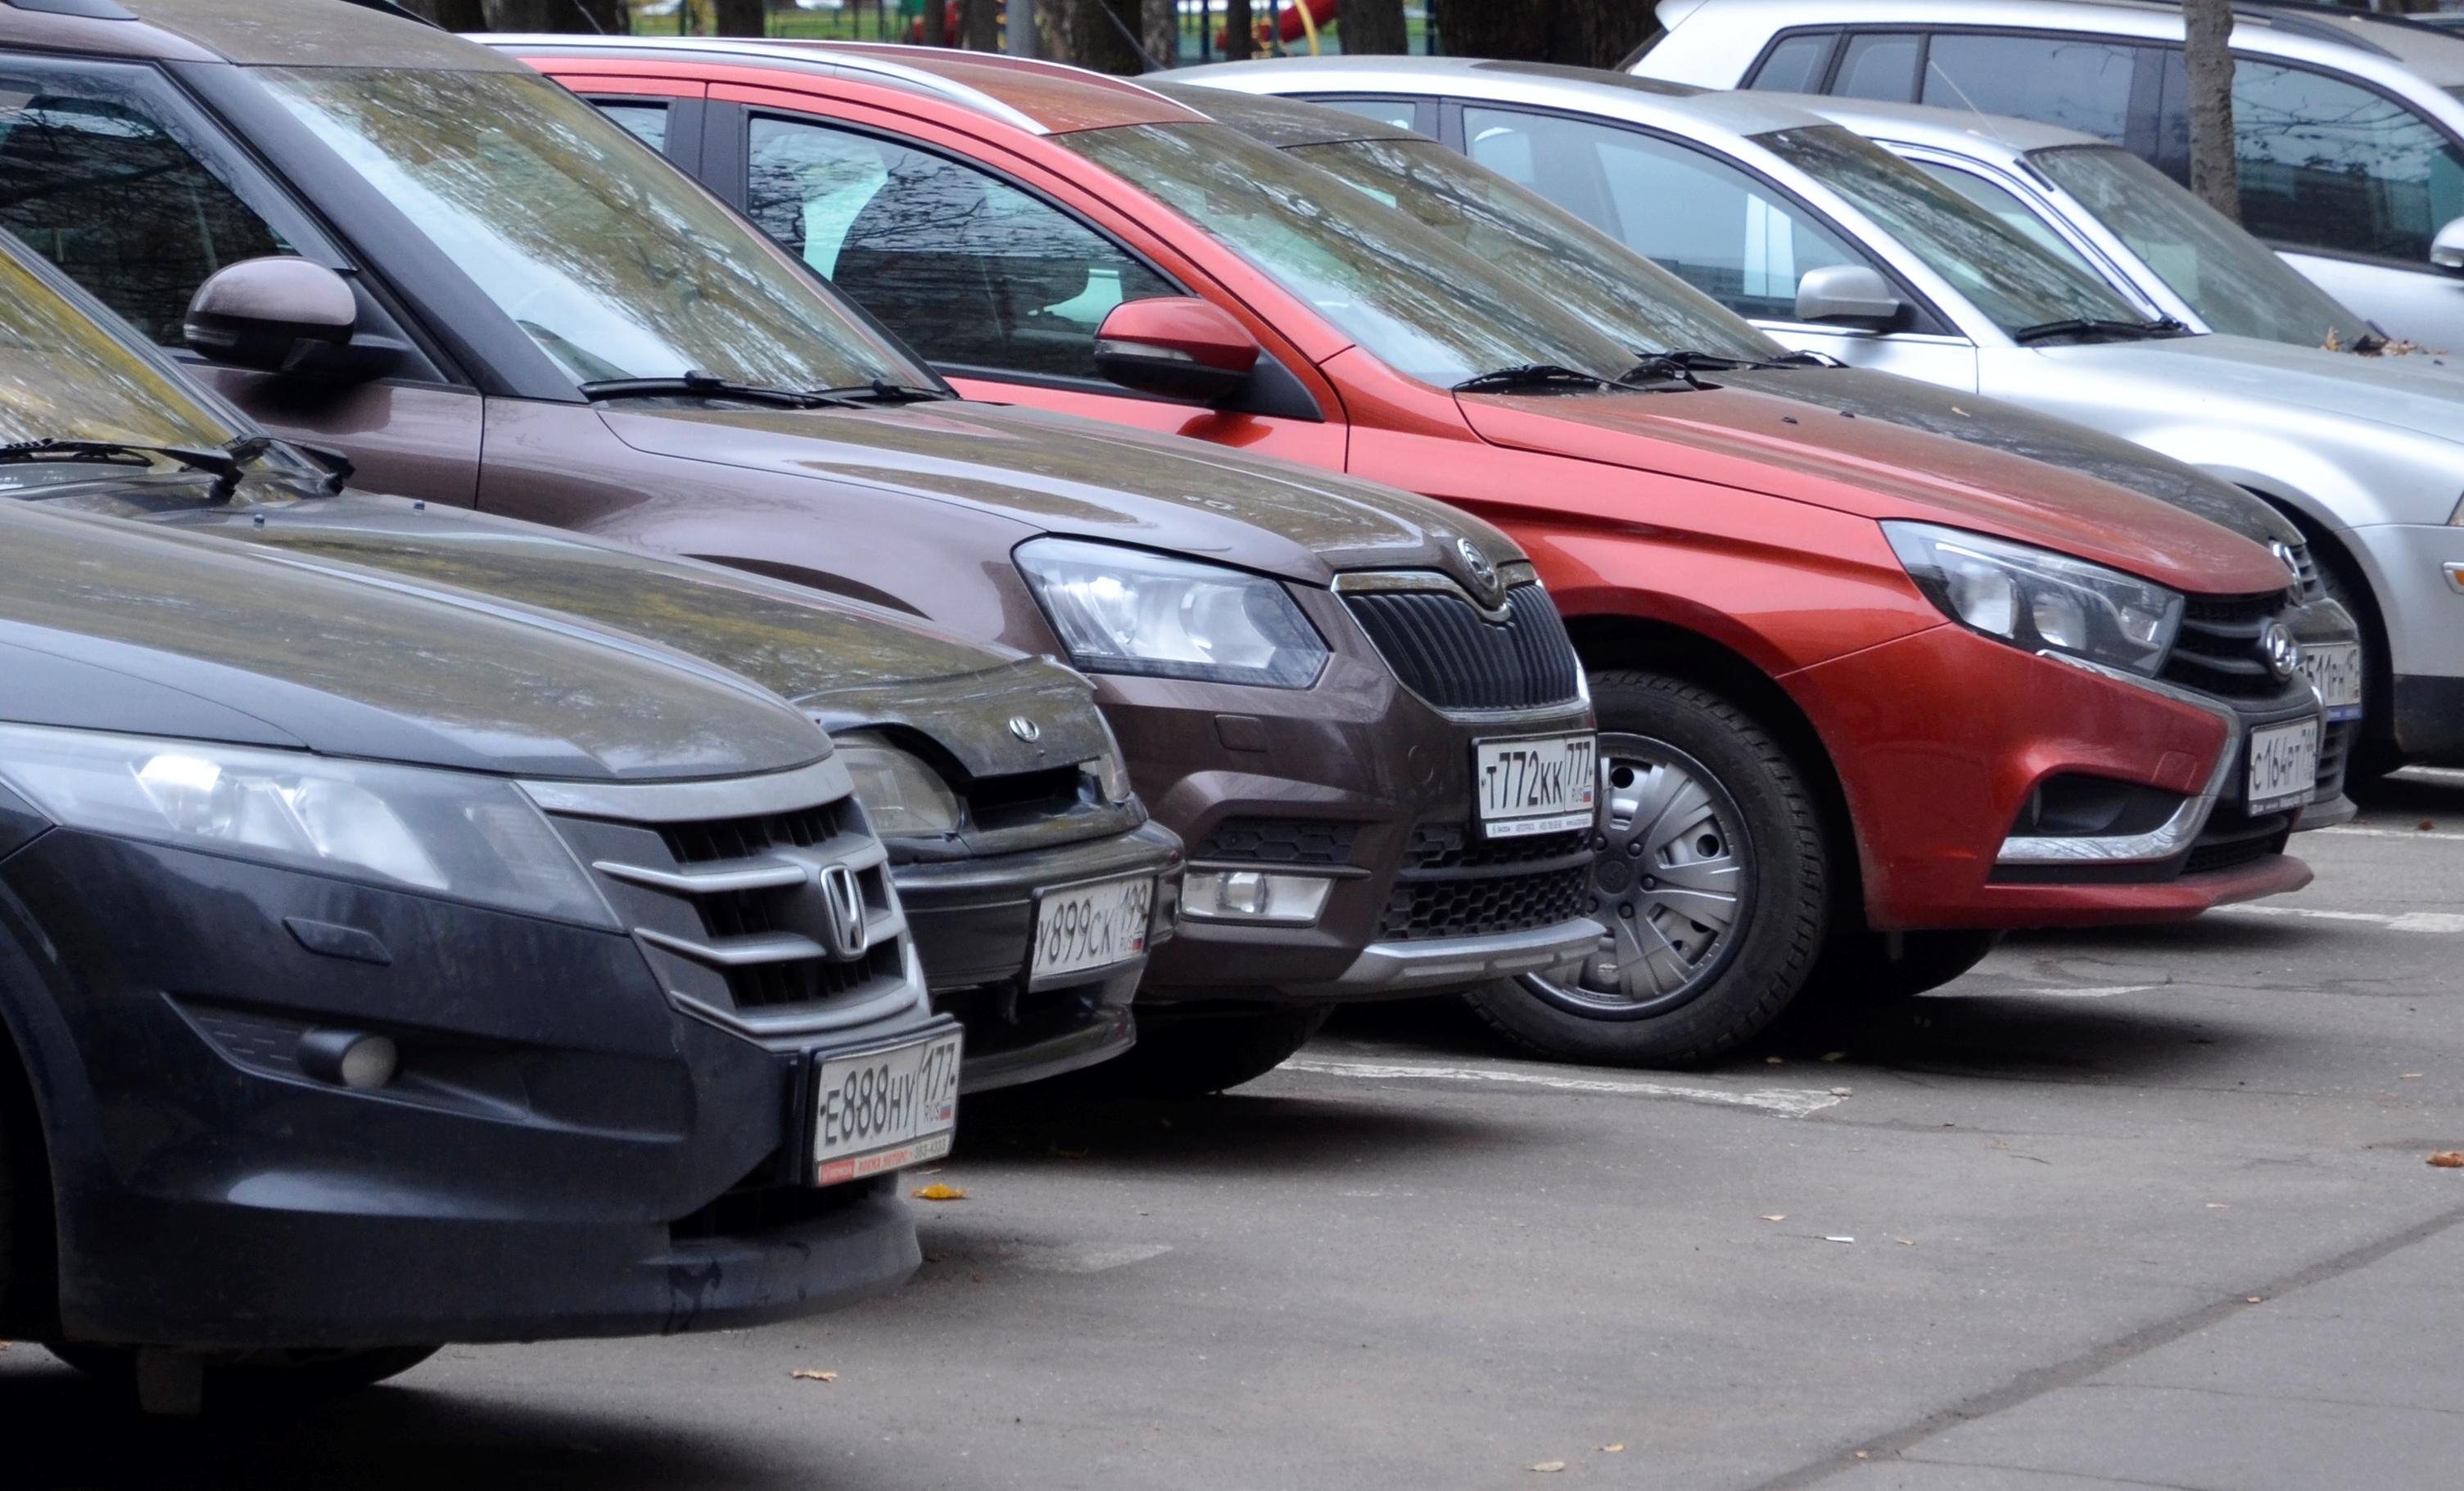 Москвичам пообещали бесплатные парковки на праздники